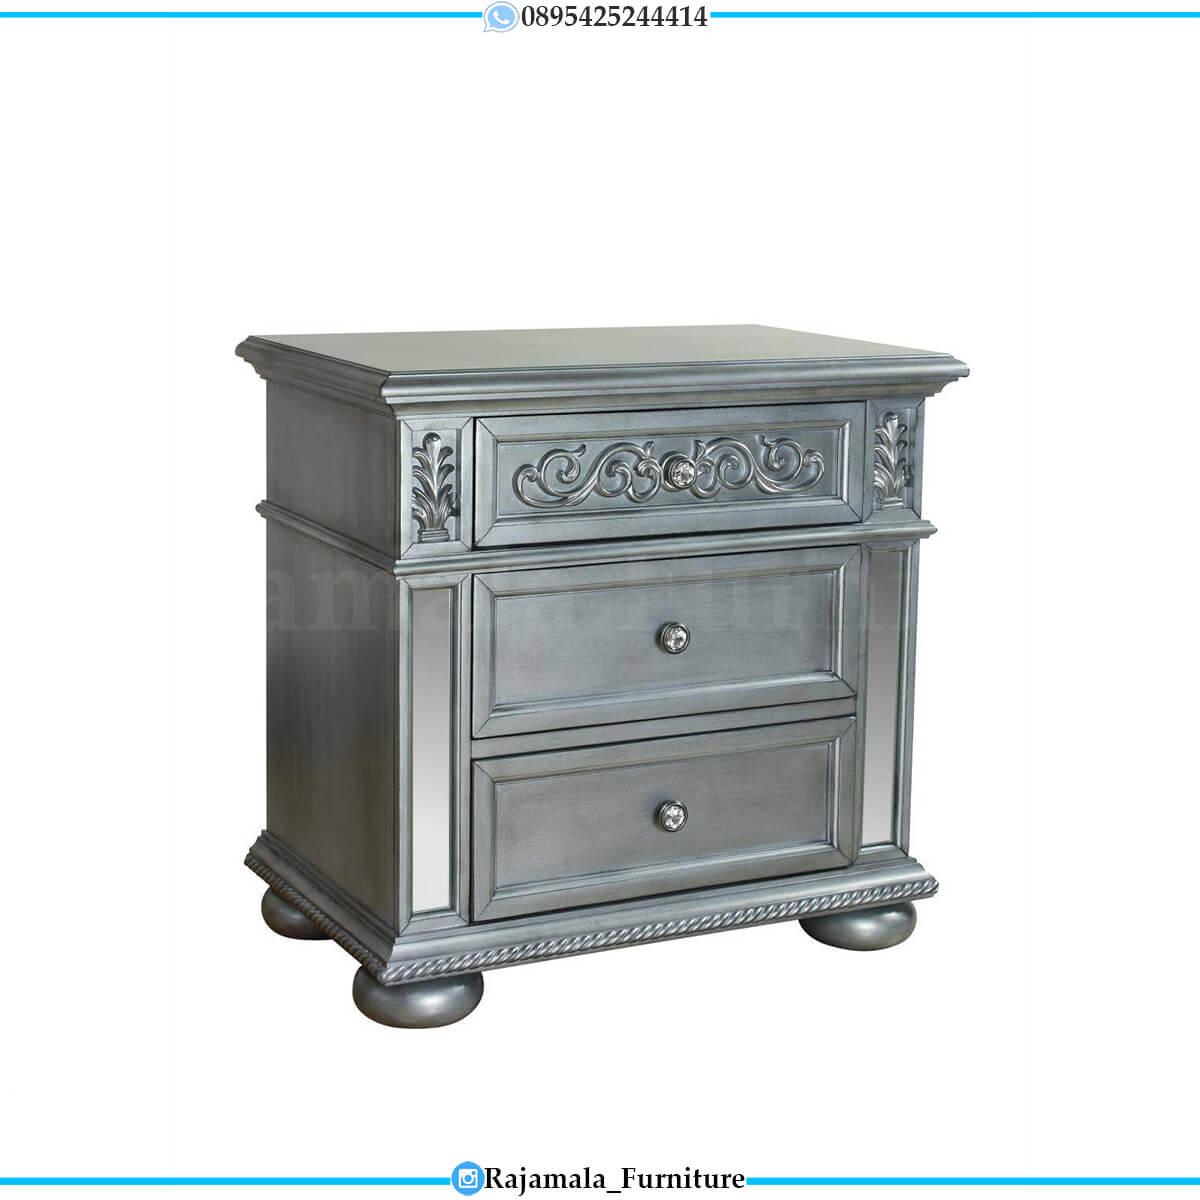 Set Tempat Tidur Minimalis Modern Luxury Furniture Jepara RM-0690